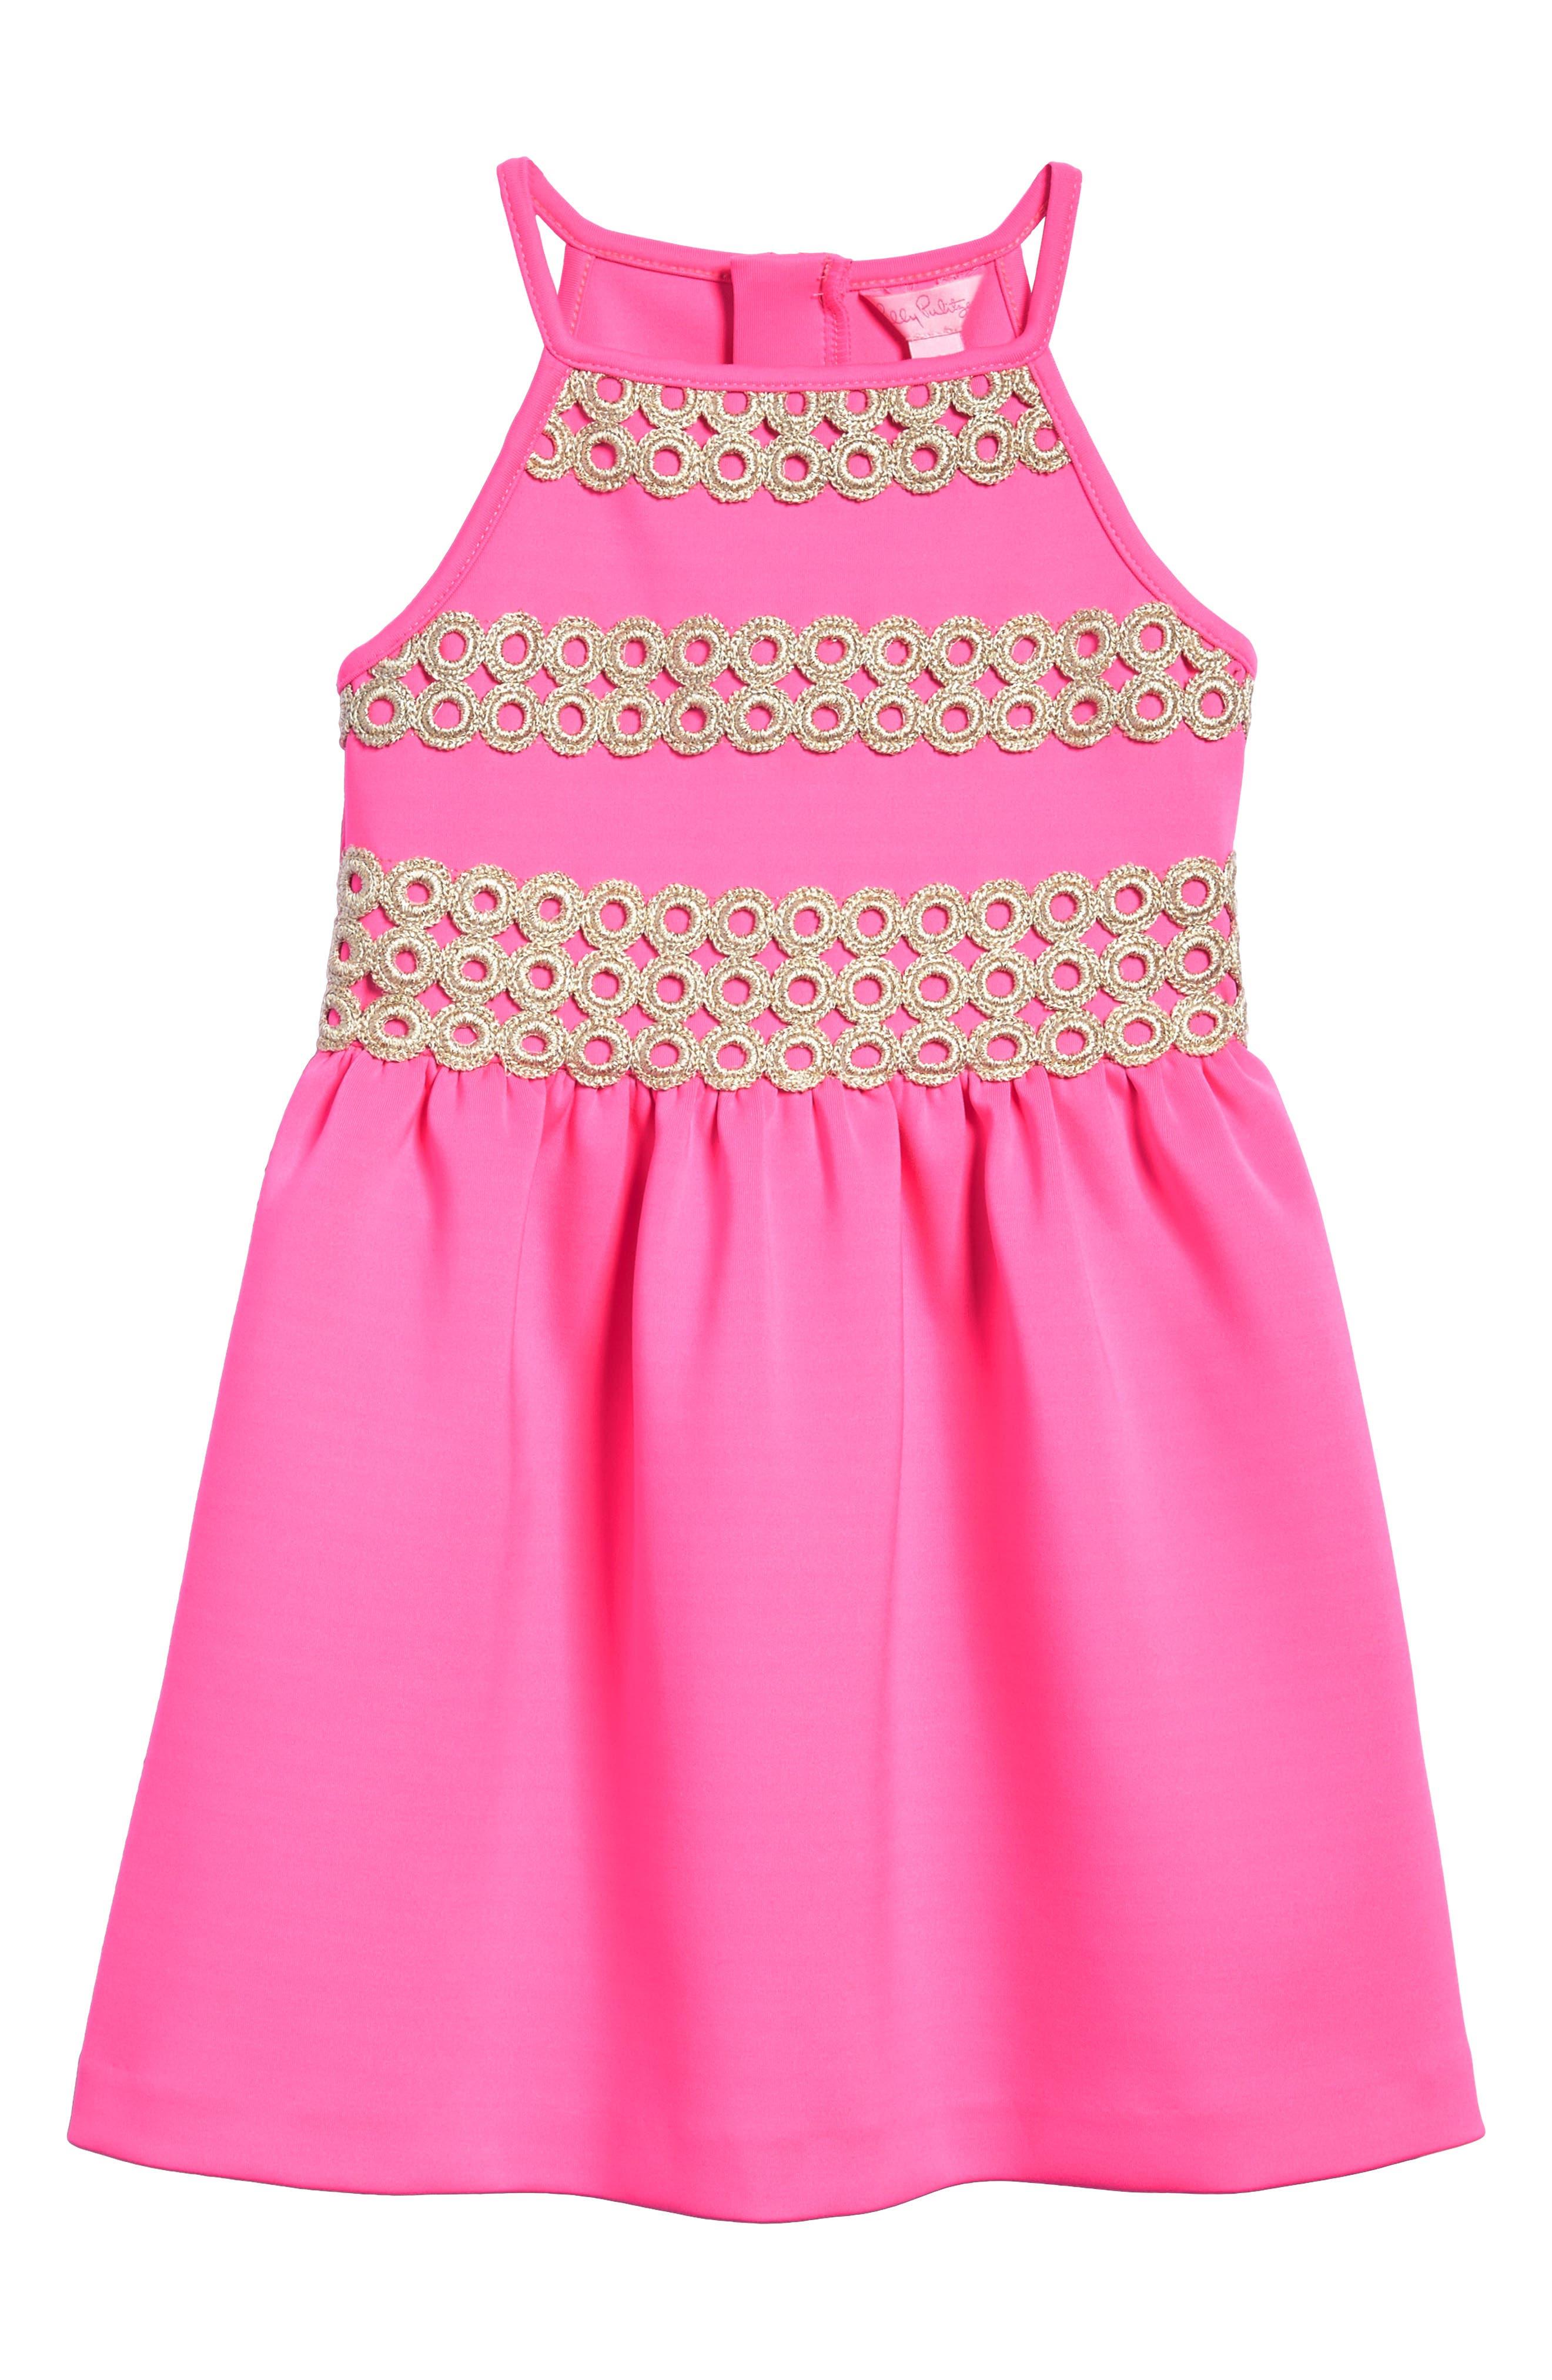 Elize Fit & Flare Dress,                             Main thumbnail 1, color,                             Raz Berry